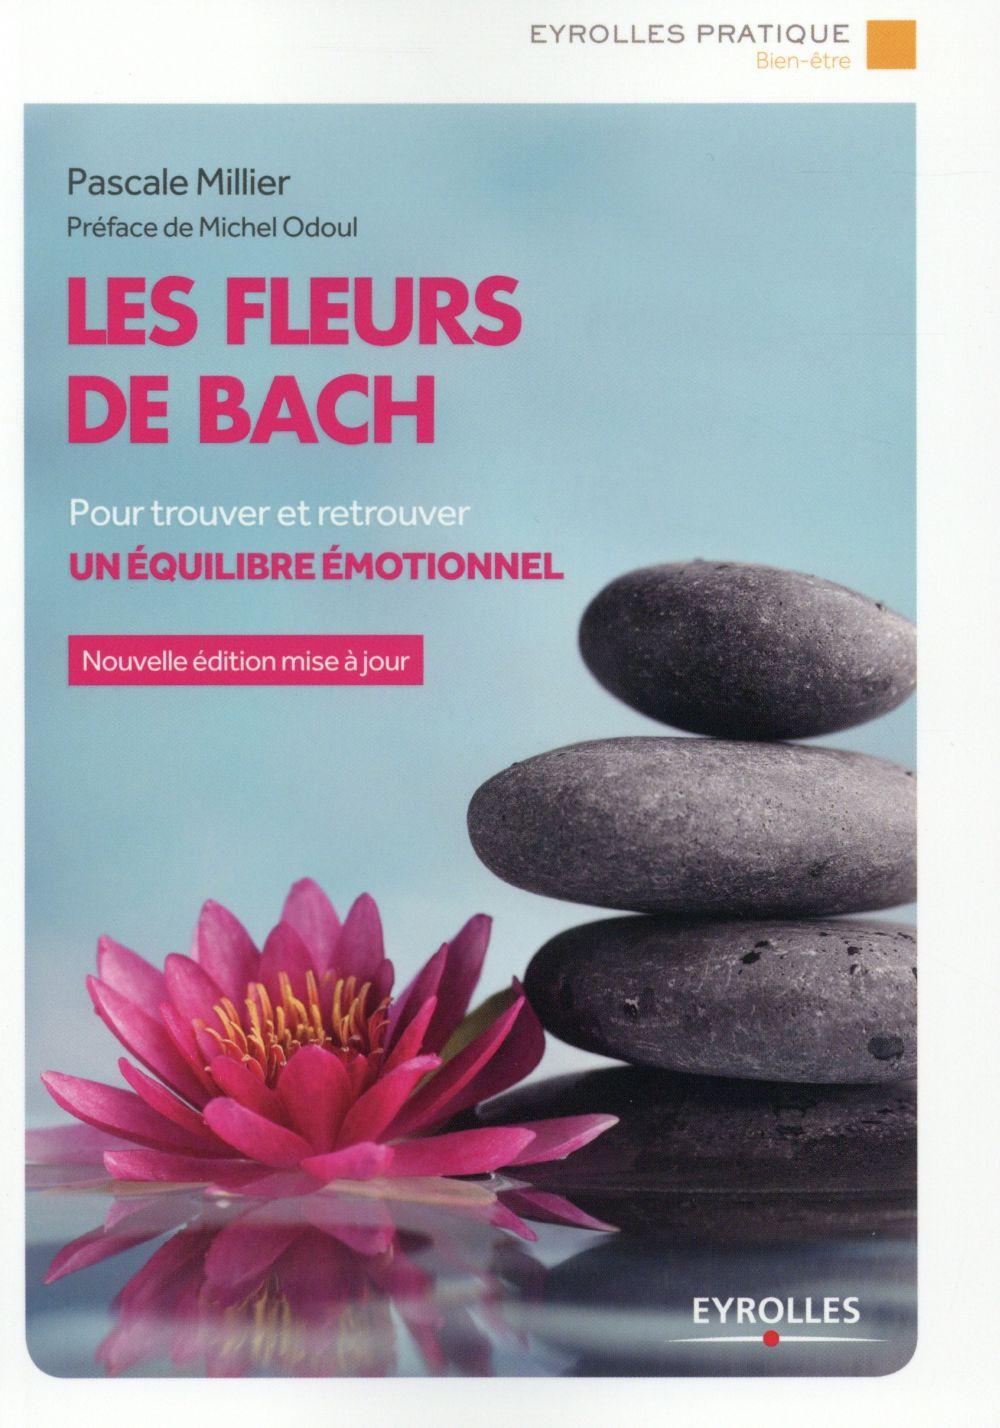 Les fleurs de bach ; pour trouver et retrouver un équilibre émotionnel